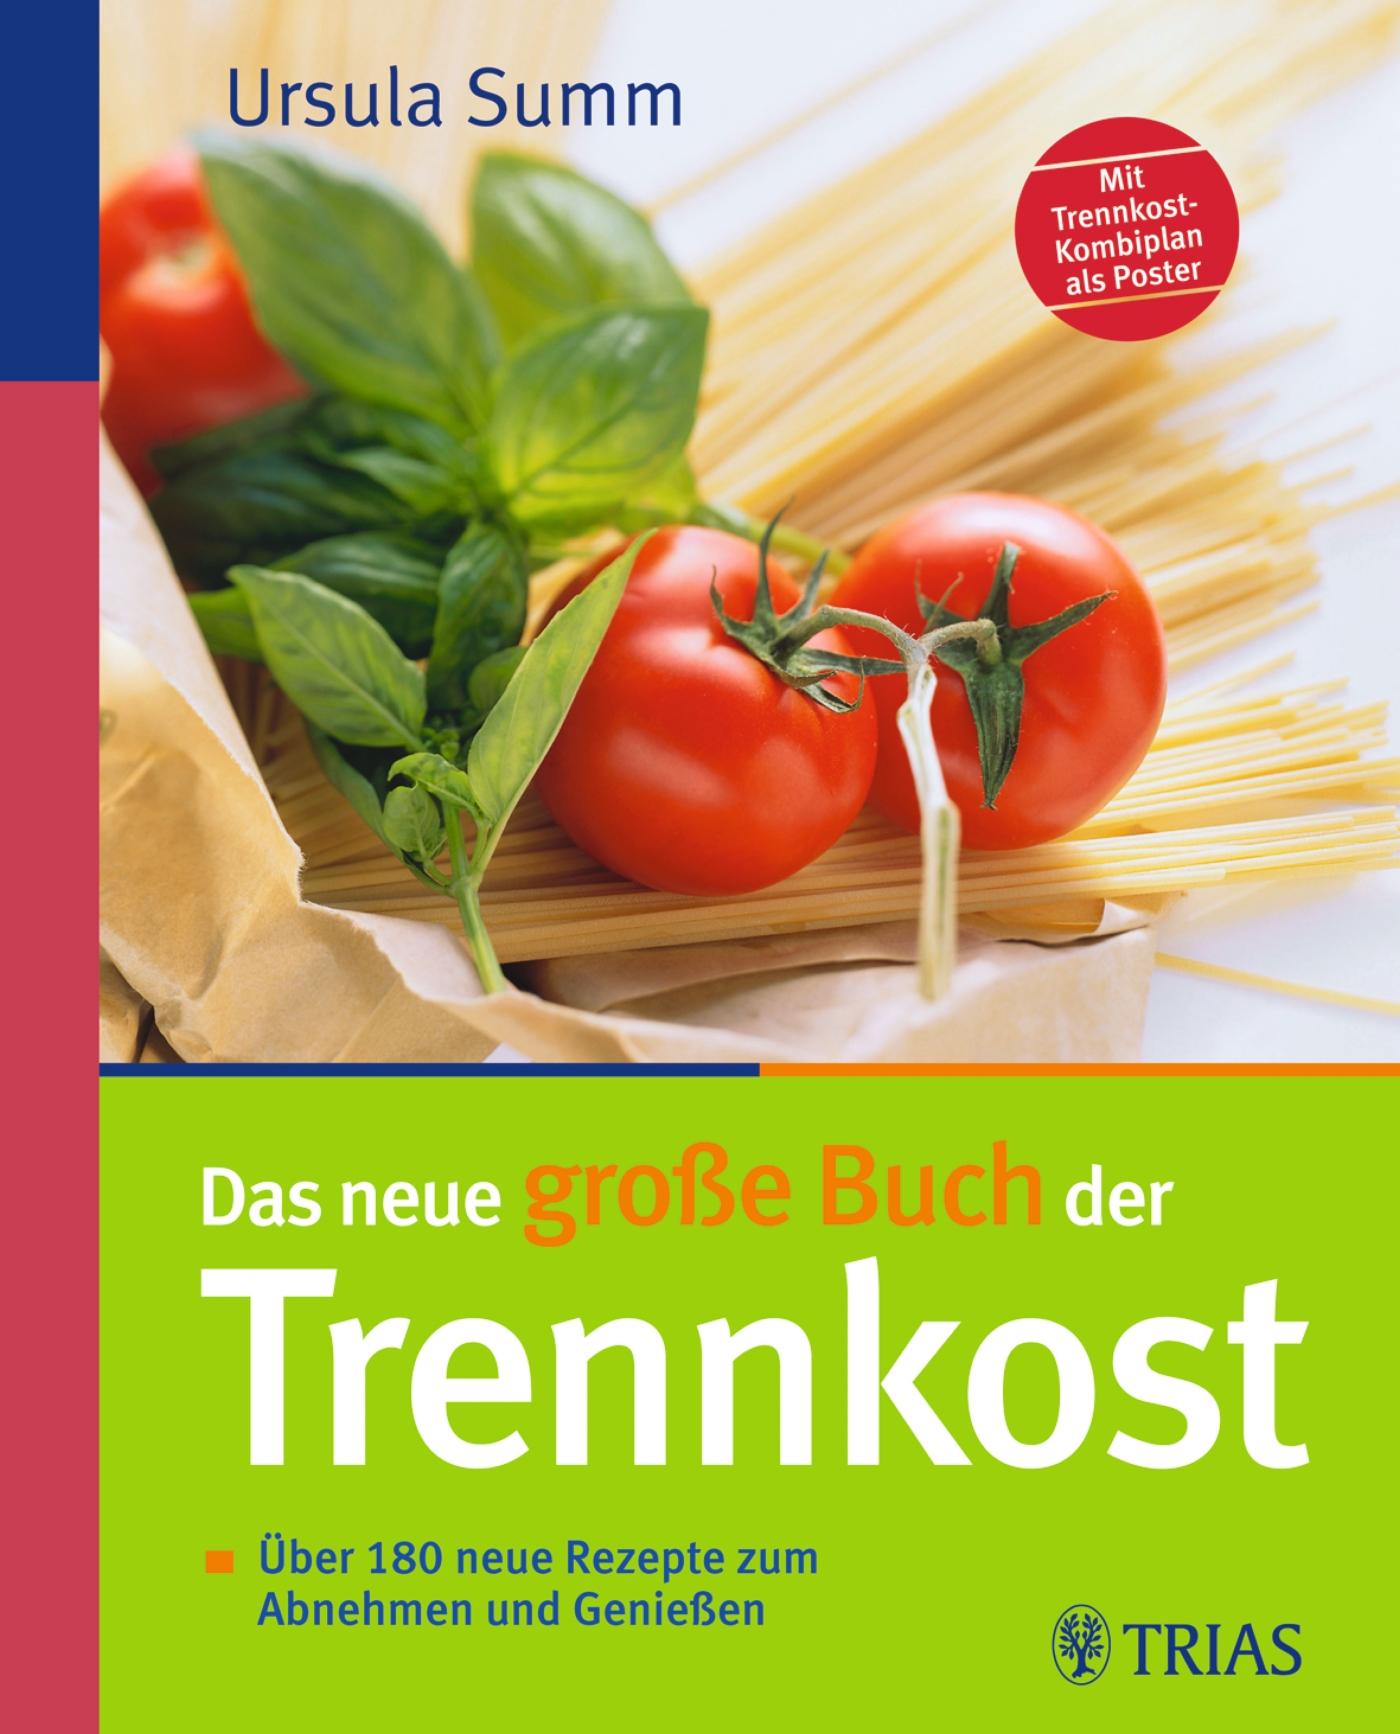 Das neue große Buch der Trennkost: Über 180 neue Rezepte zum Abnehmen und Genießen - Ursula Summ